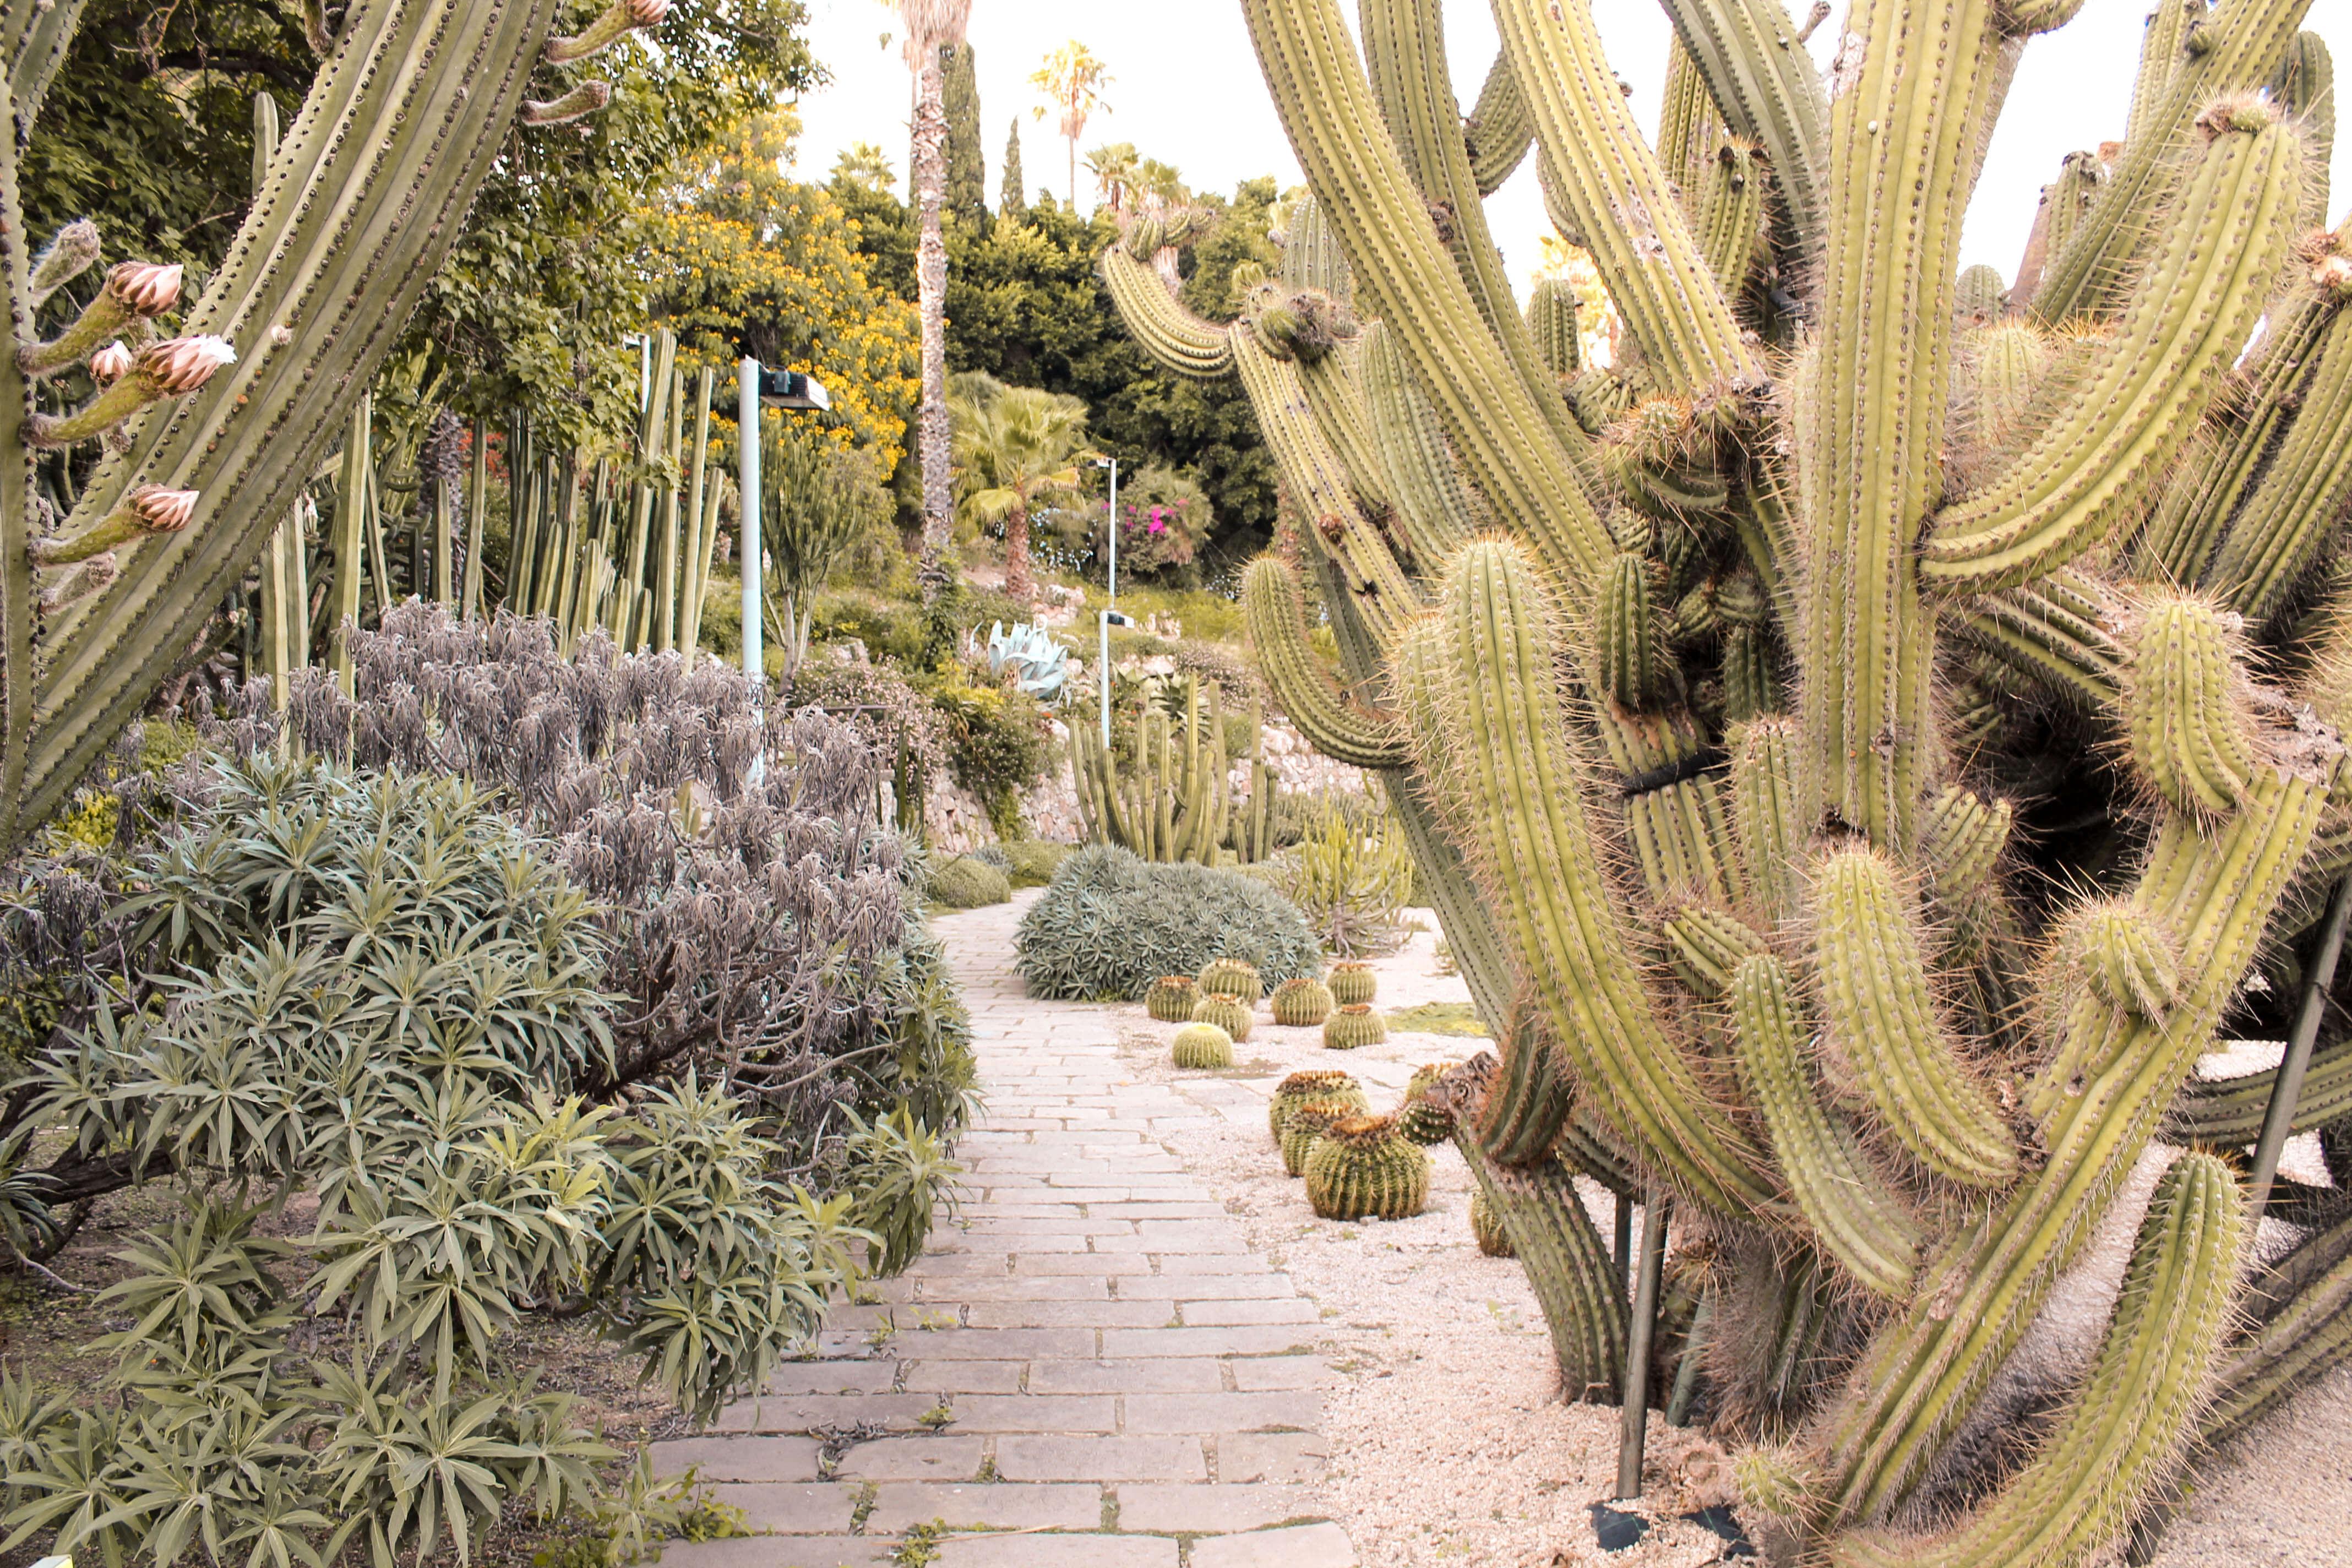 Cactus garden in Barcelona